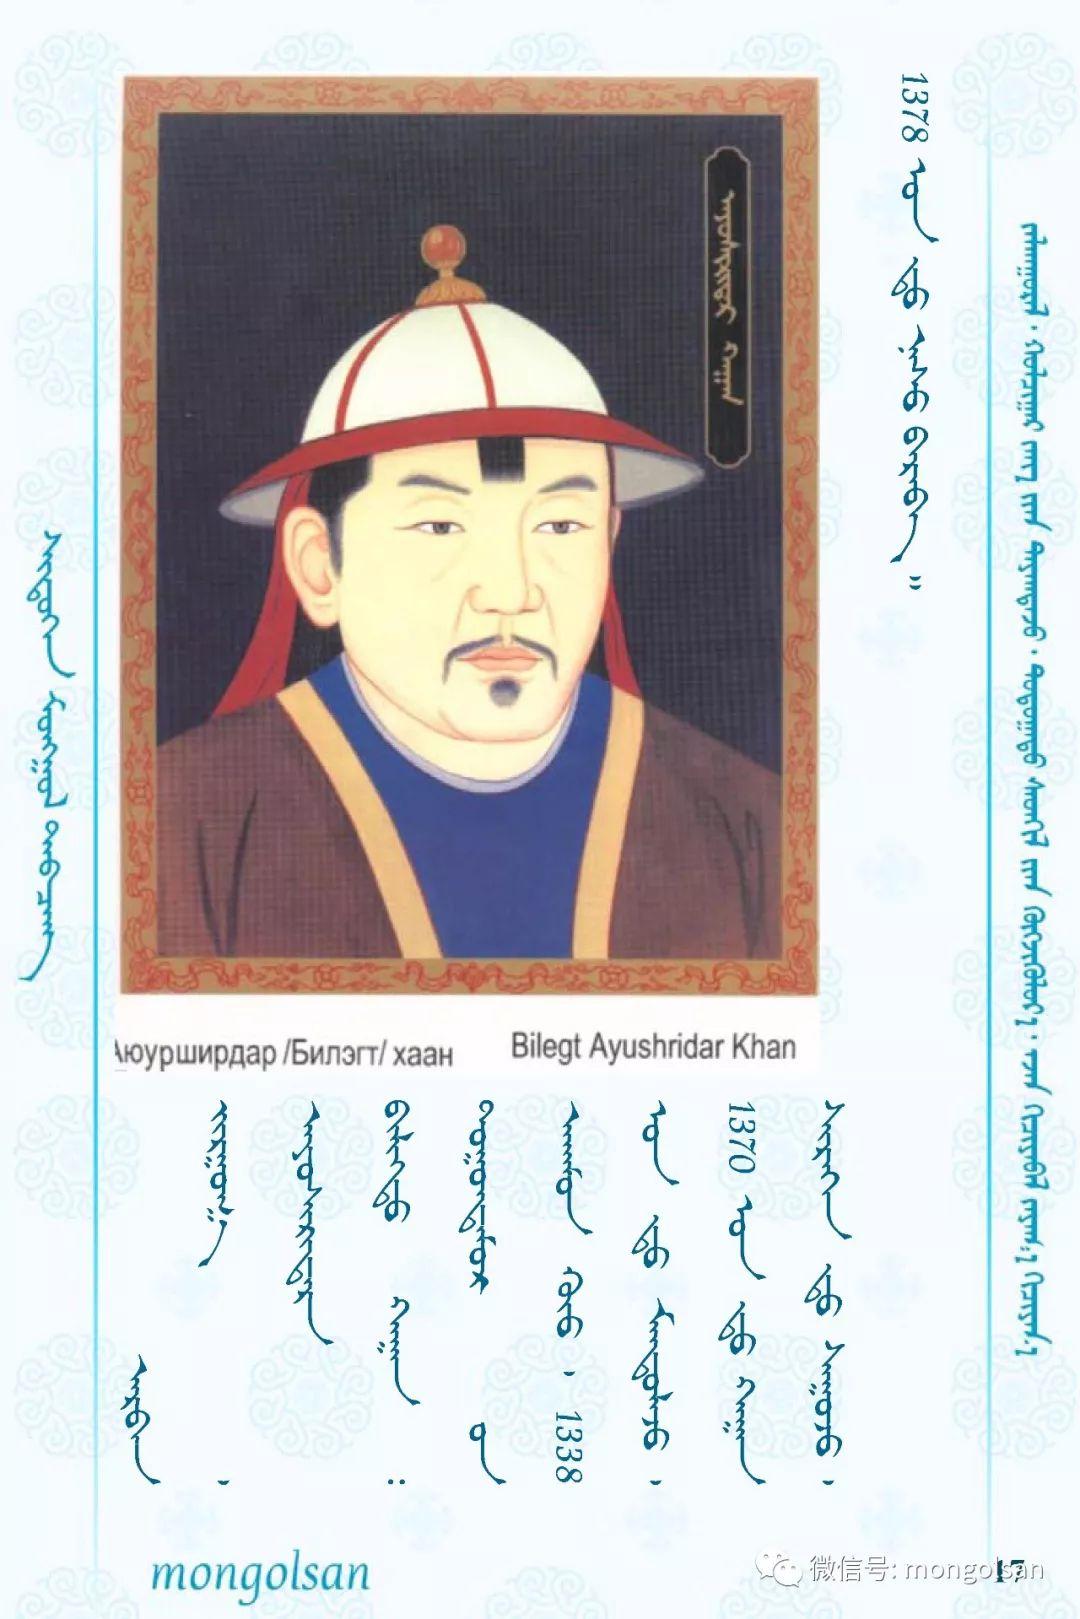 【关注】蒙古皇帝列表 第17张